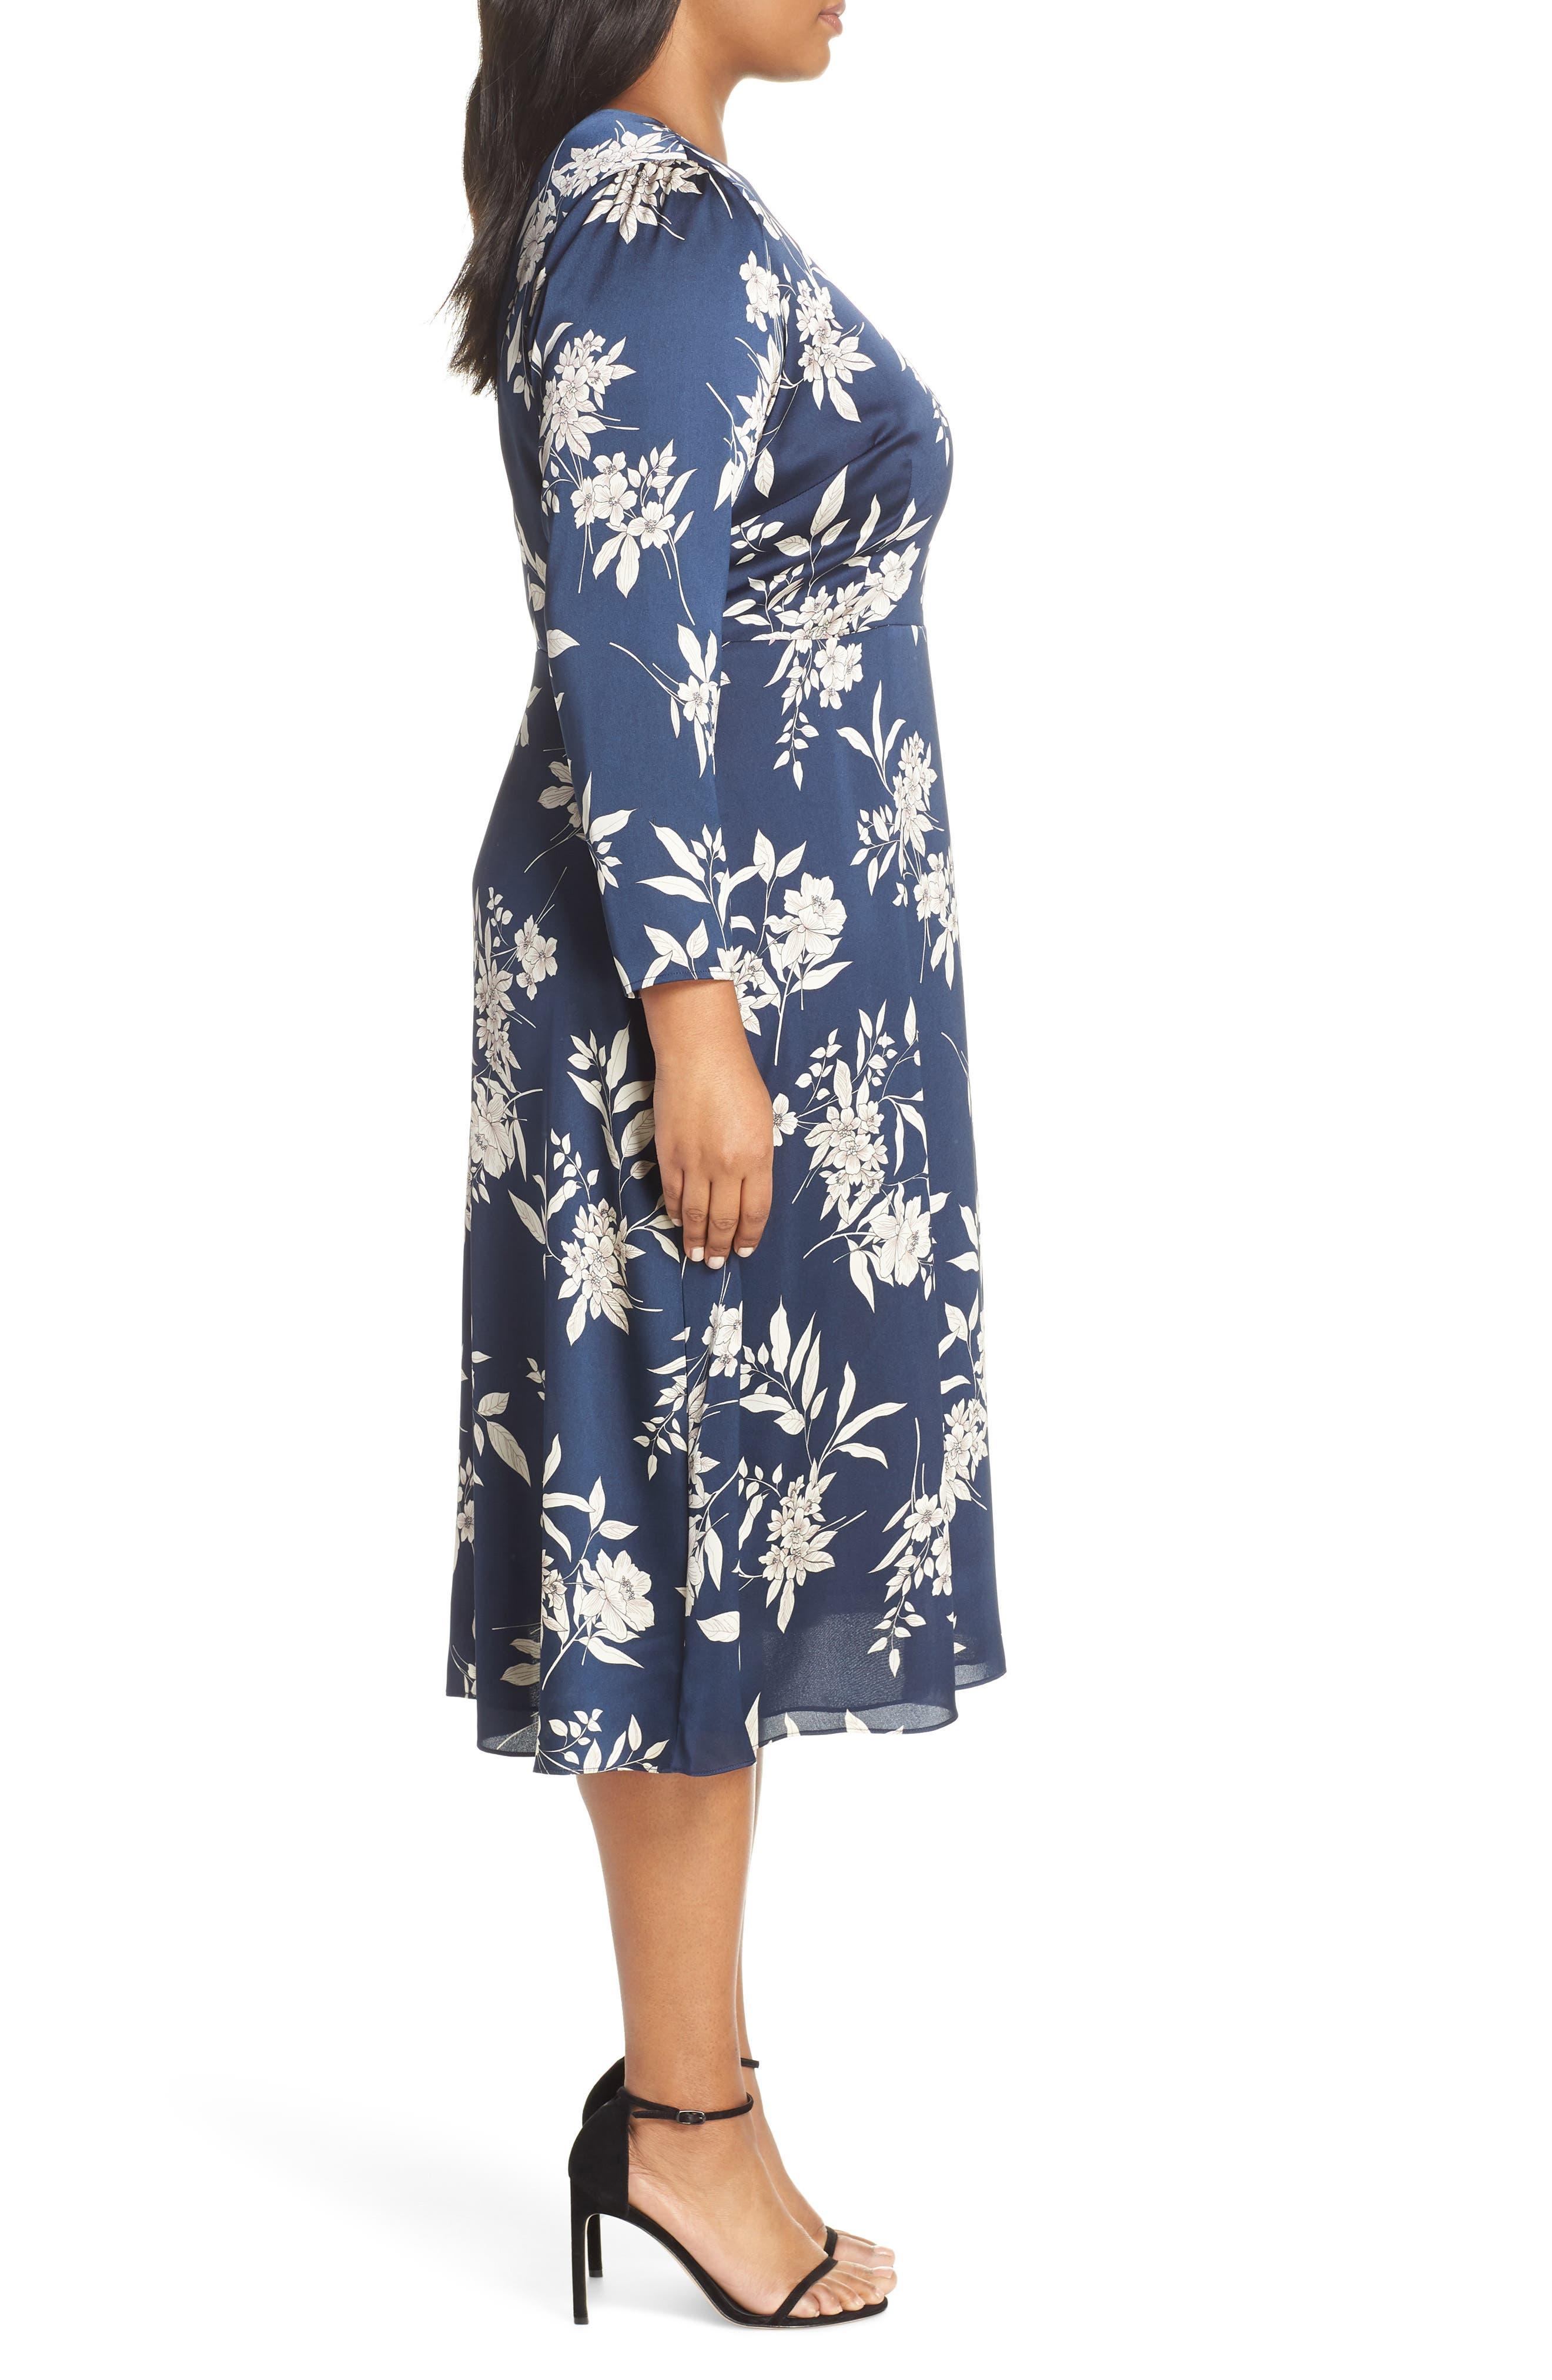 VINCE CAMUTO, Etched Bouquet Midi Dress, Alternate thumbnail 4, color, 400